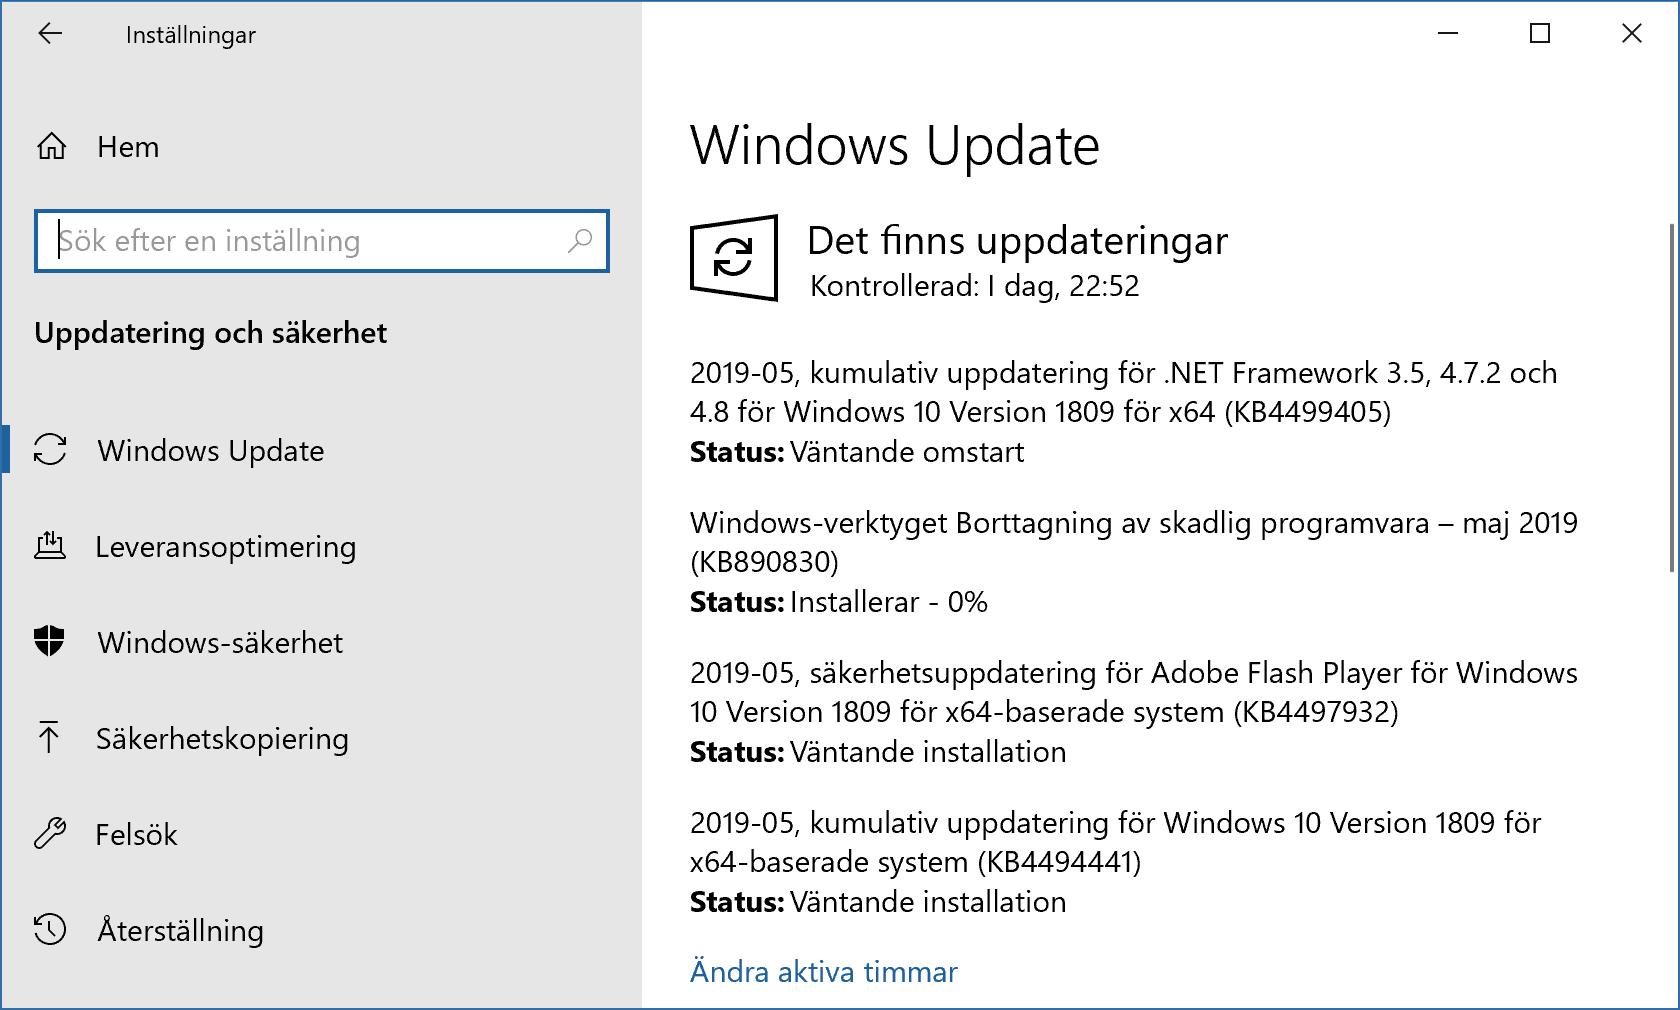 Windows Update installerar säkerhetsuppdateringar för maj 2019.